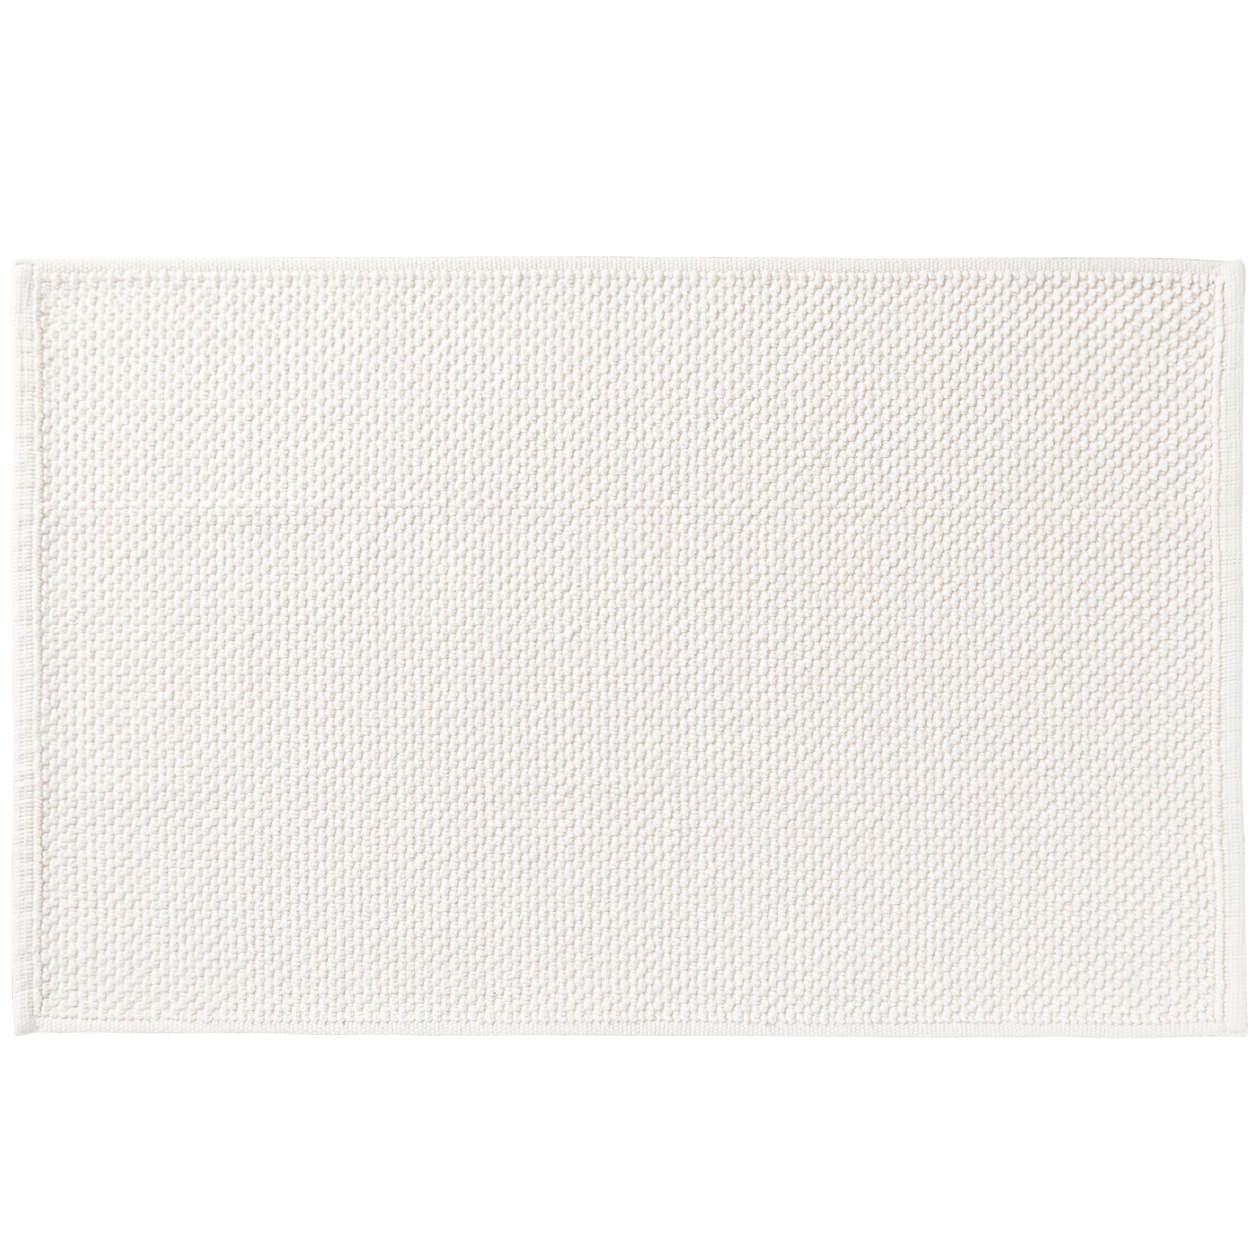 インド綿手織パイルバスマット・M/オフ白 M/オフ白